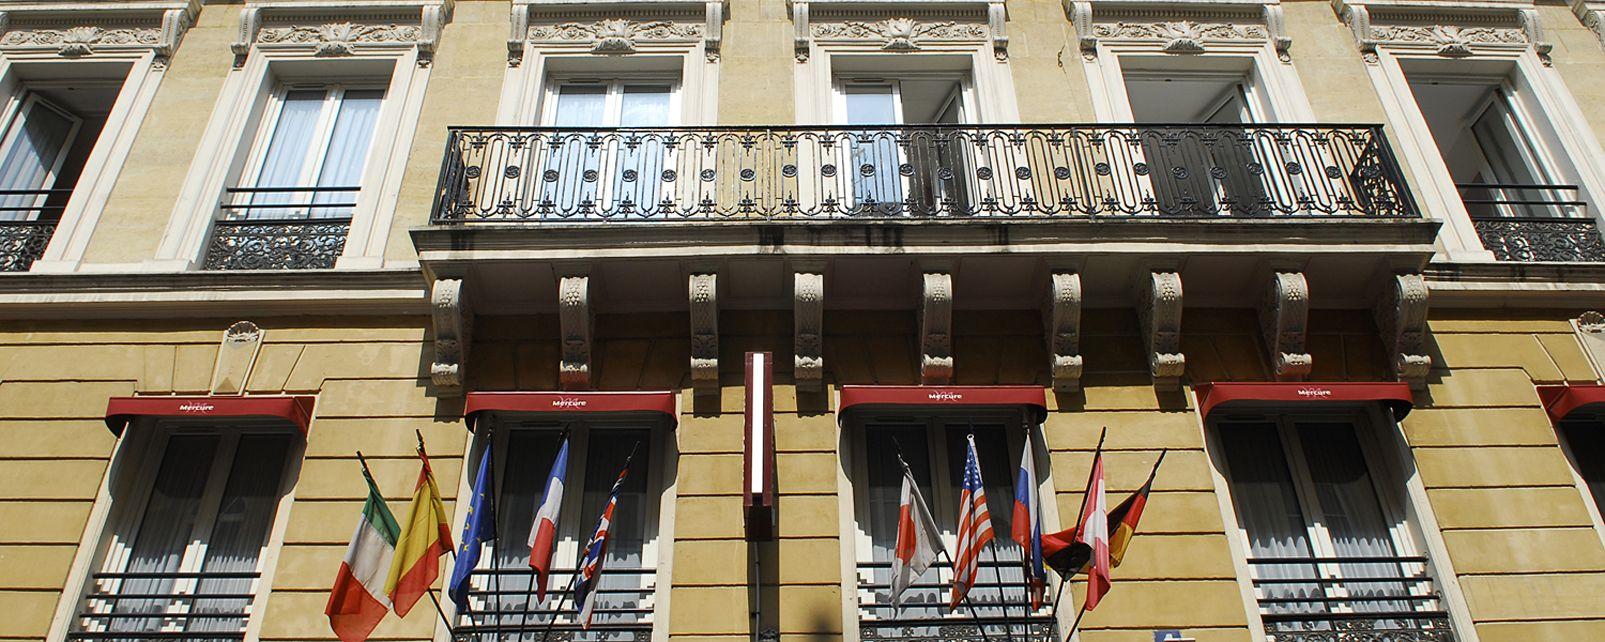 Hotel Mercure Paris Opera Garnier